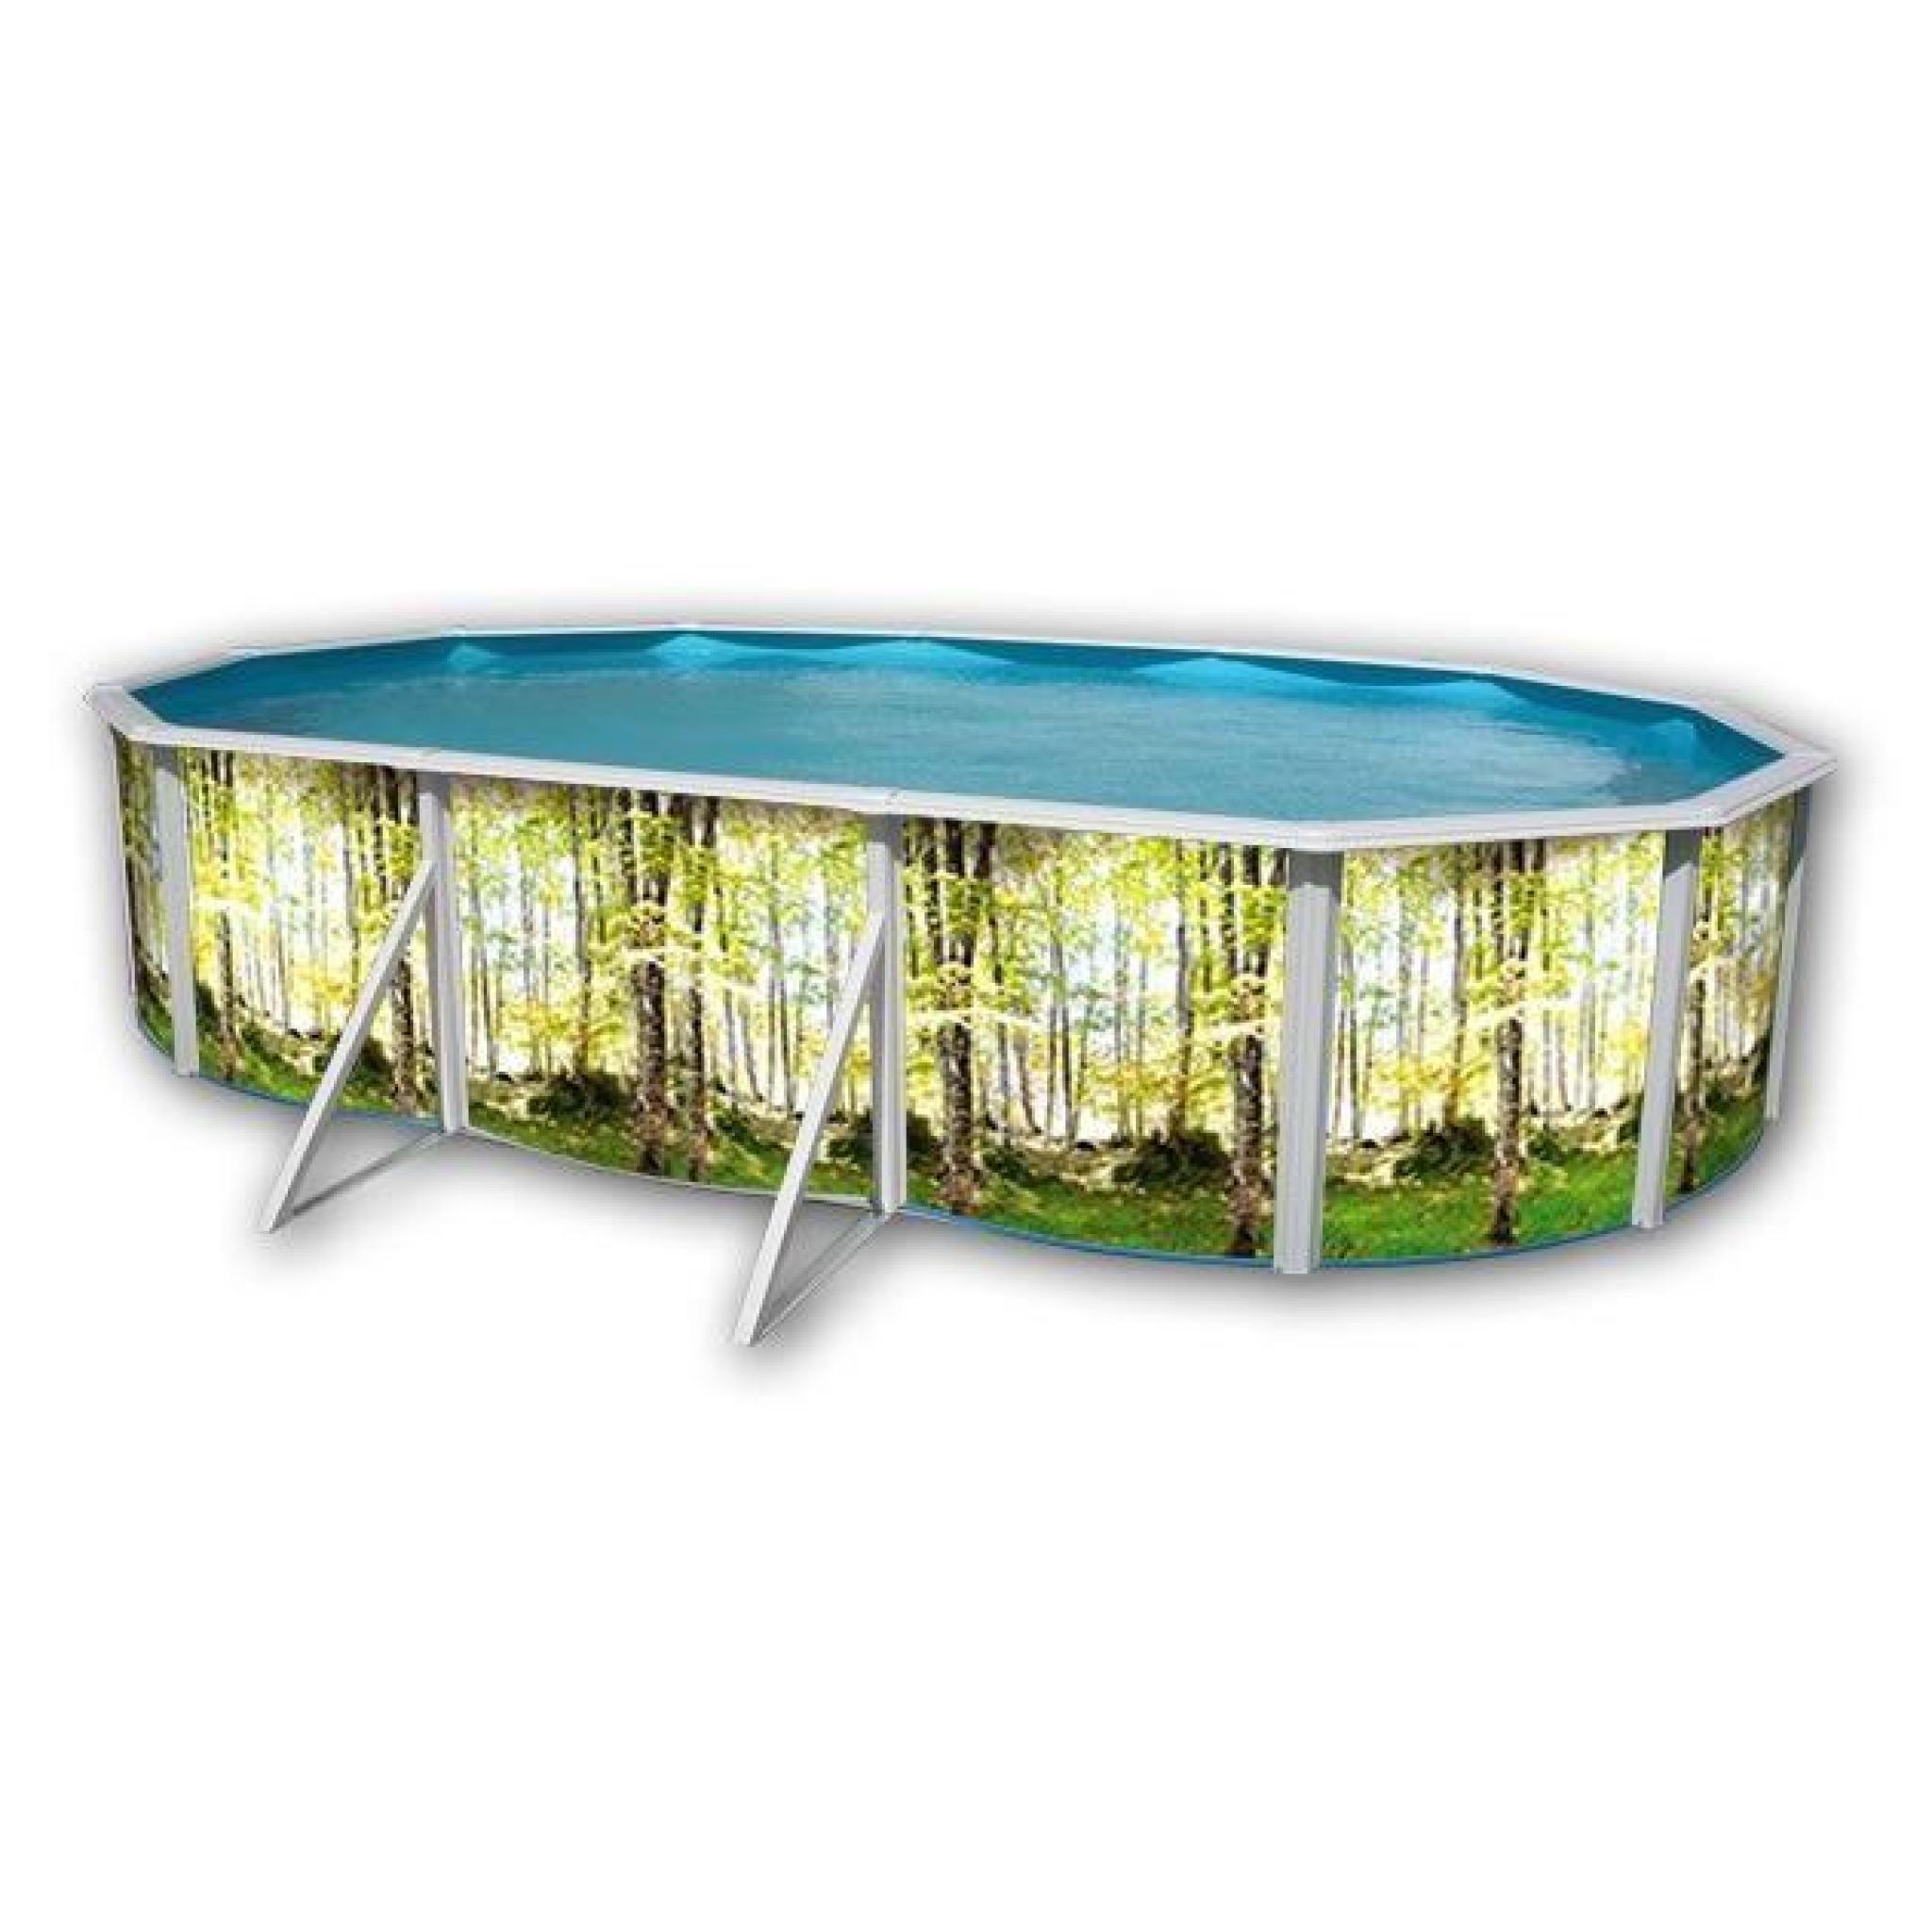 For t piscine en acier ovale 550x366x120 achat vente - Piscine hors sol acier pas cher ...